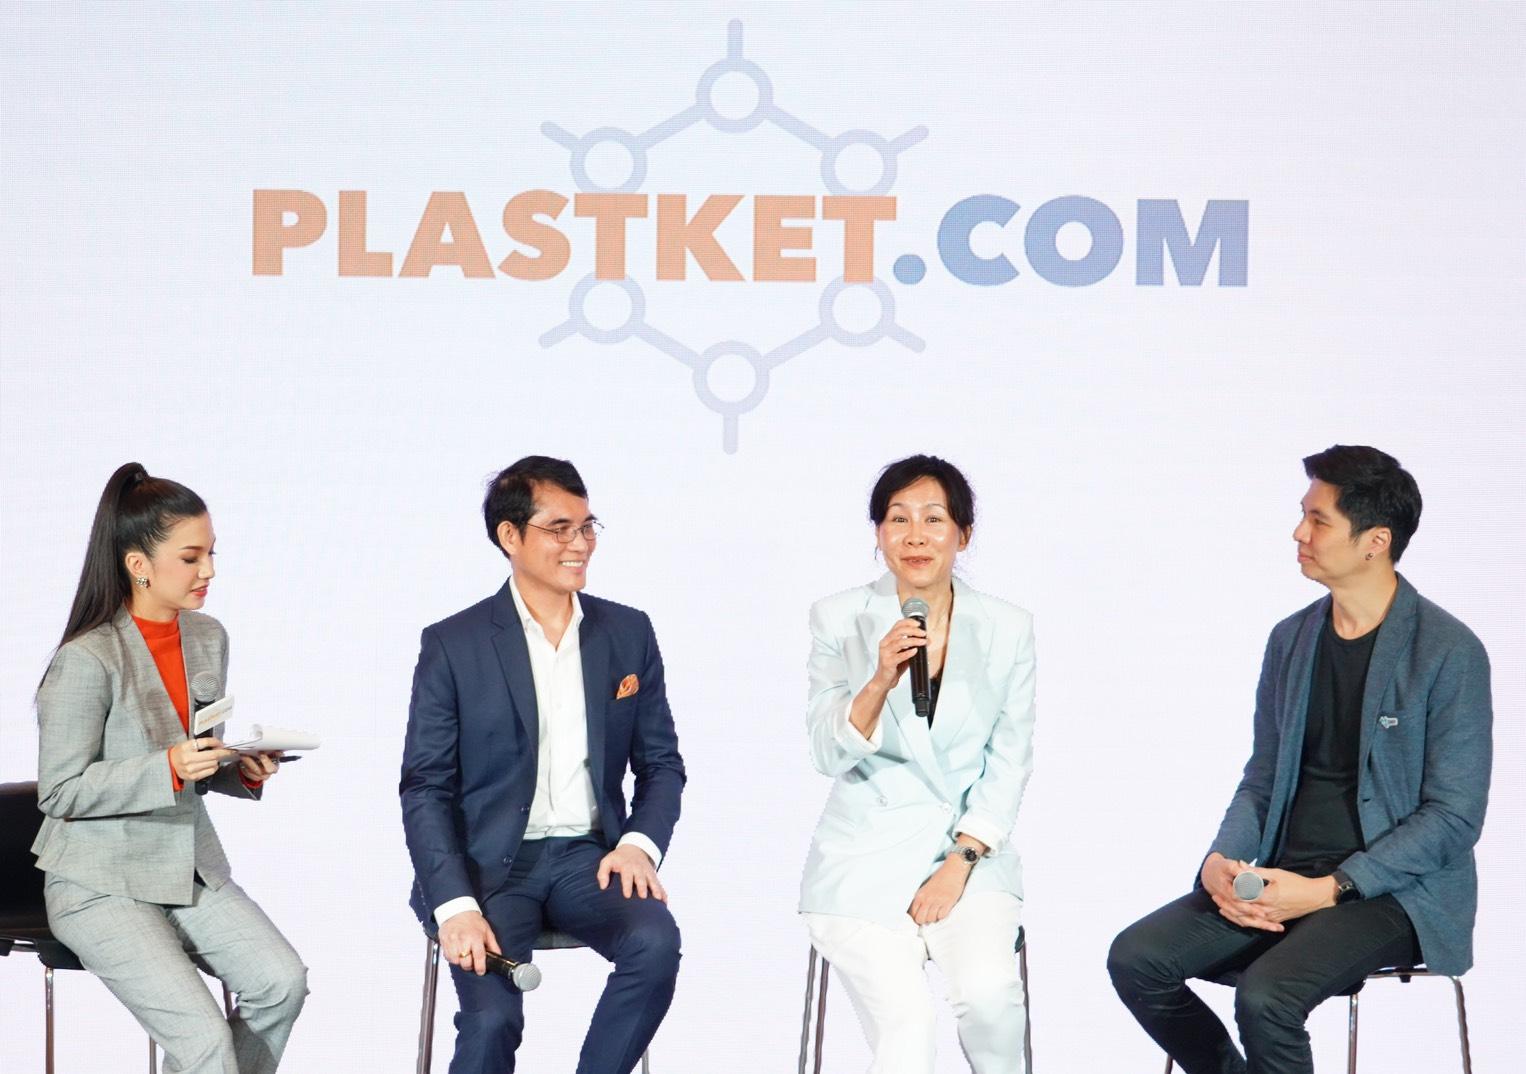 IRPCดึงจีนตั้งแพลทฟอร์มPLASTKET.COM  ซื้อขายพลาสติกผ่านอีคอมเมิร์ซ